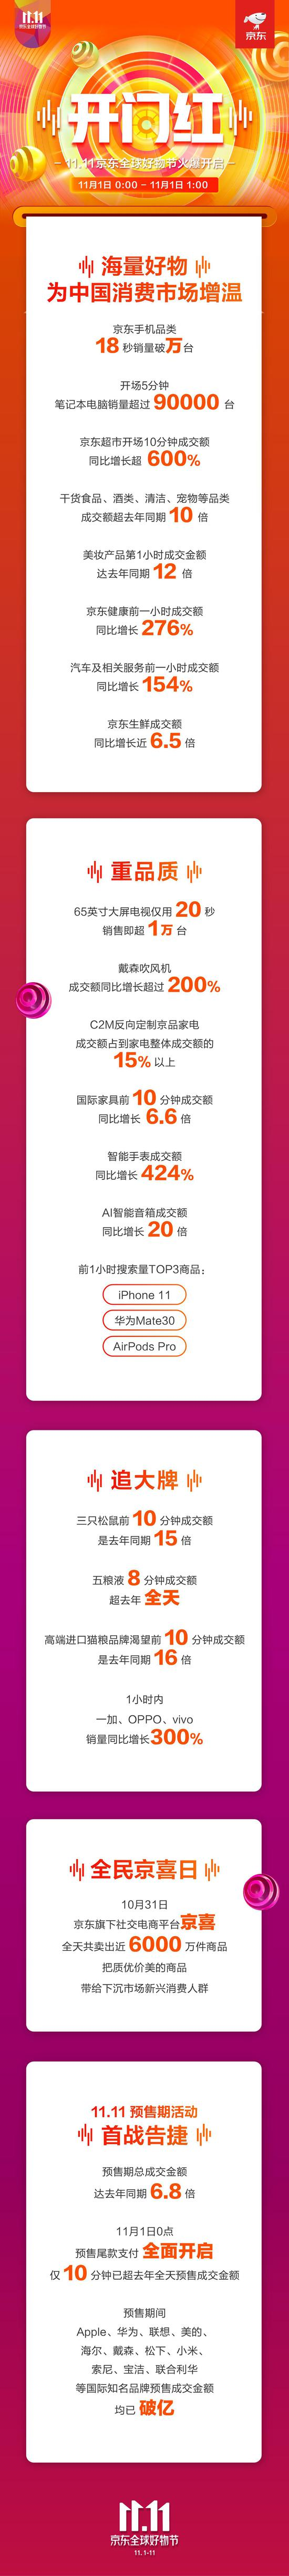 乐橙电脑客户端手机登录 - 上海浦江商圈浦江产业大楼楼盘8月写字楼的租金1.76元/㎡·天,出售价格21622元/㎡